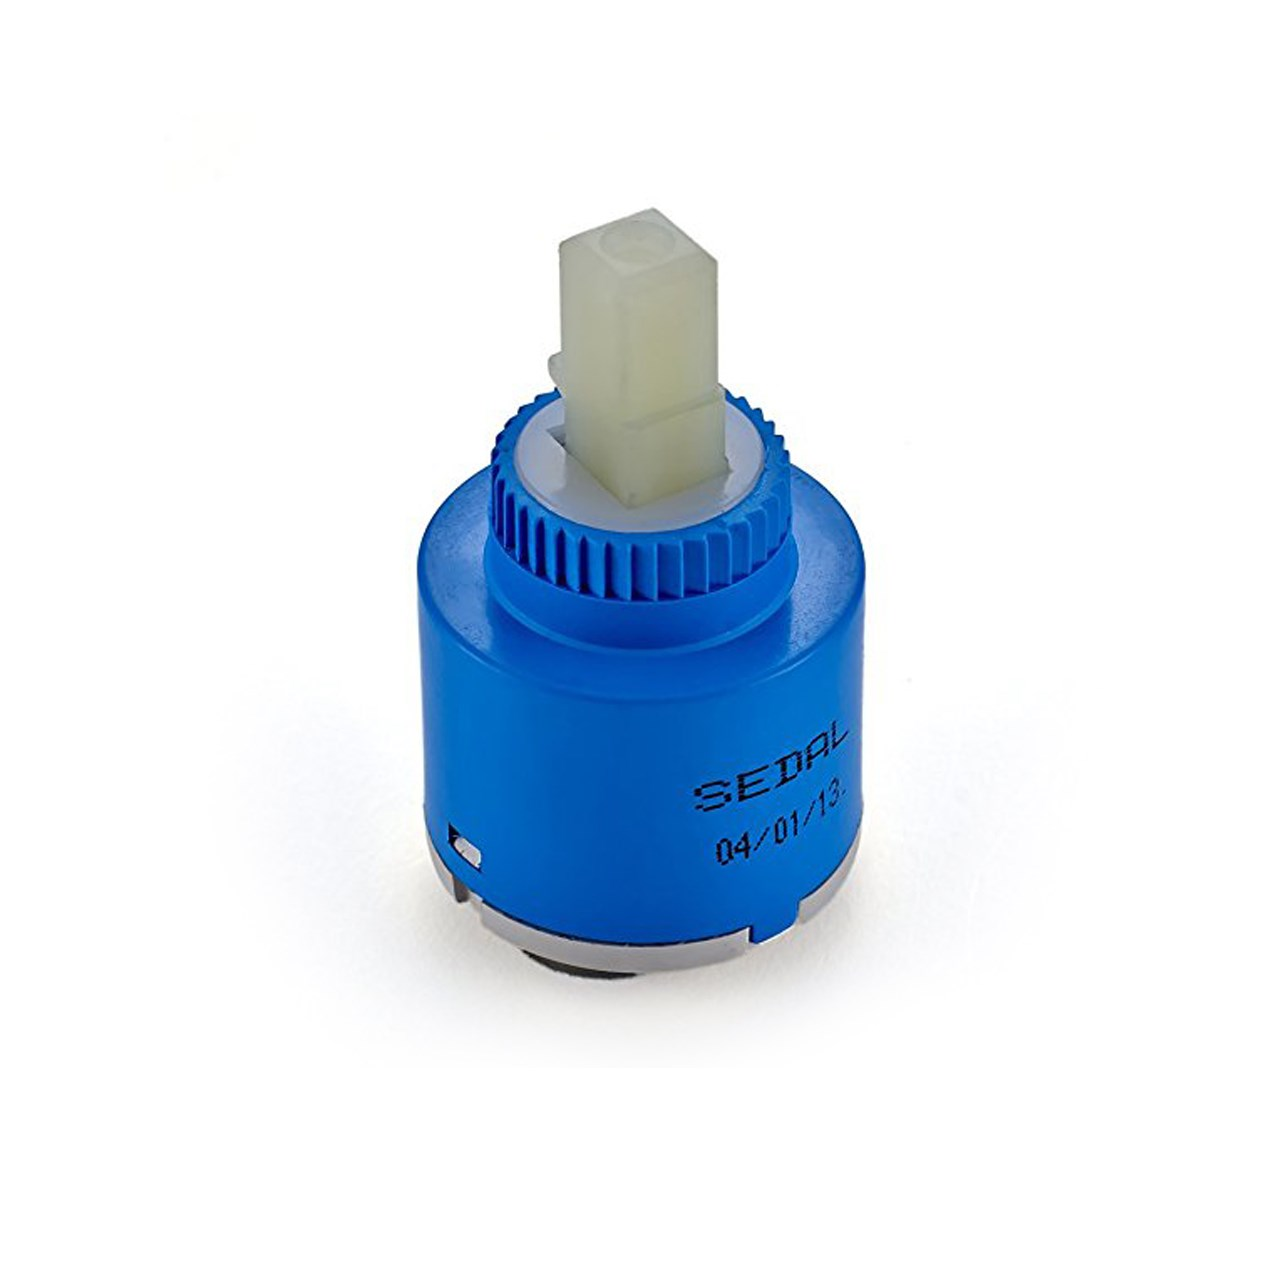 کارتریج شیرآلات سدال مدل E-35 AZ SD با هولوگرام اصالت SSV